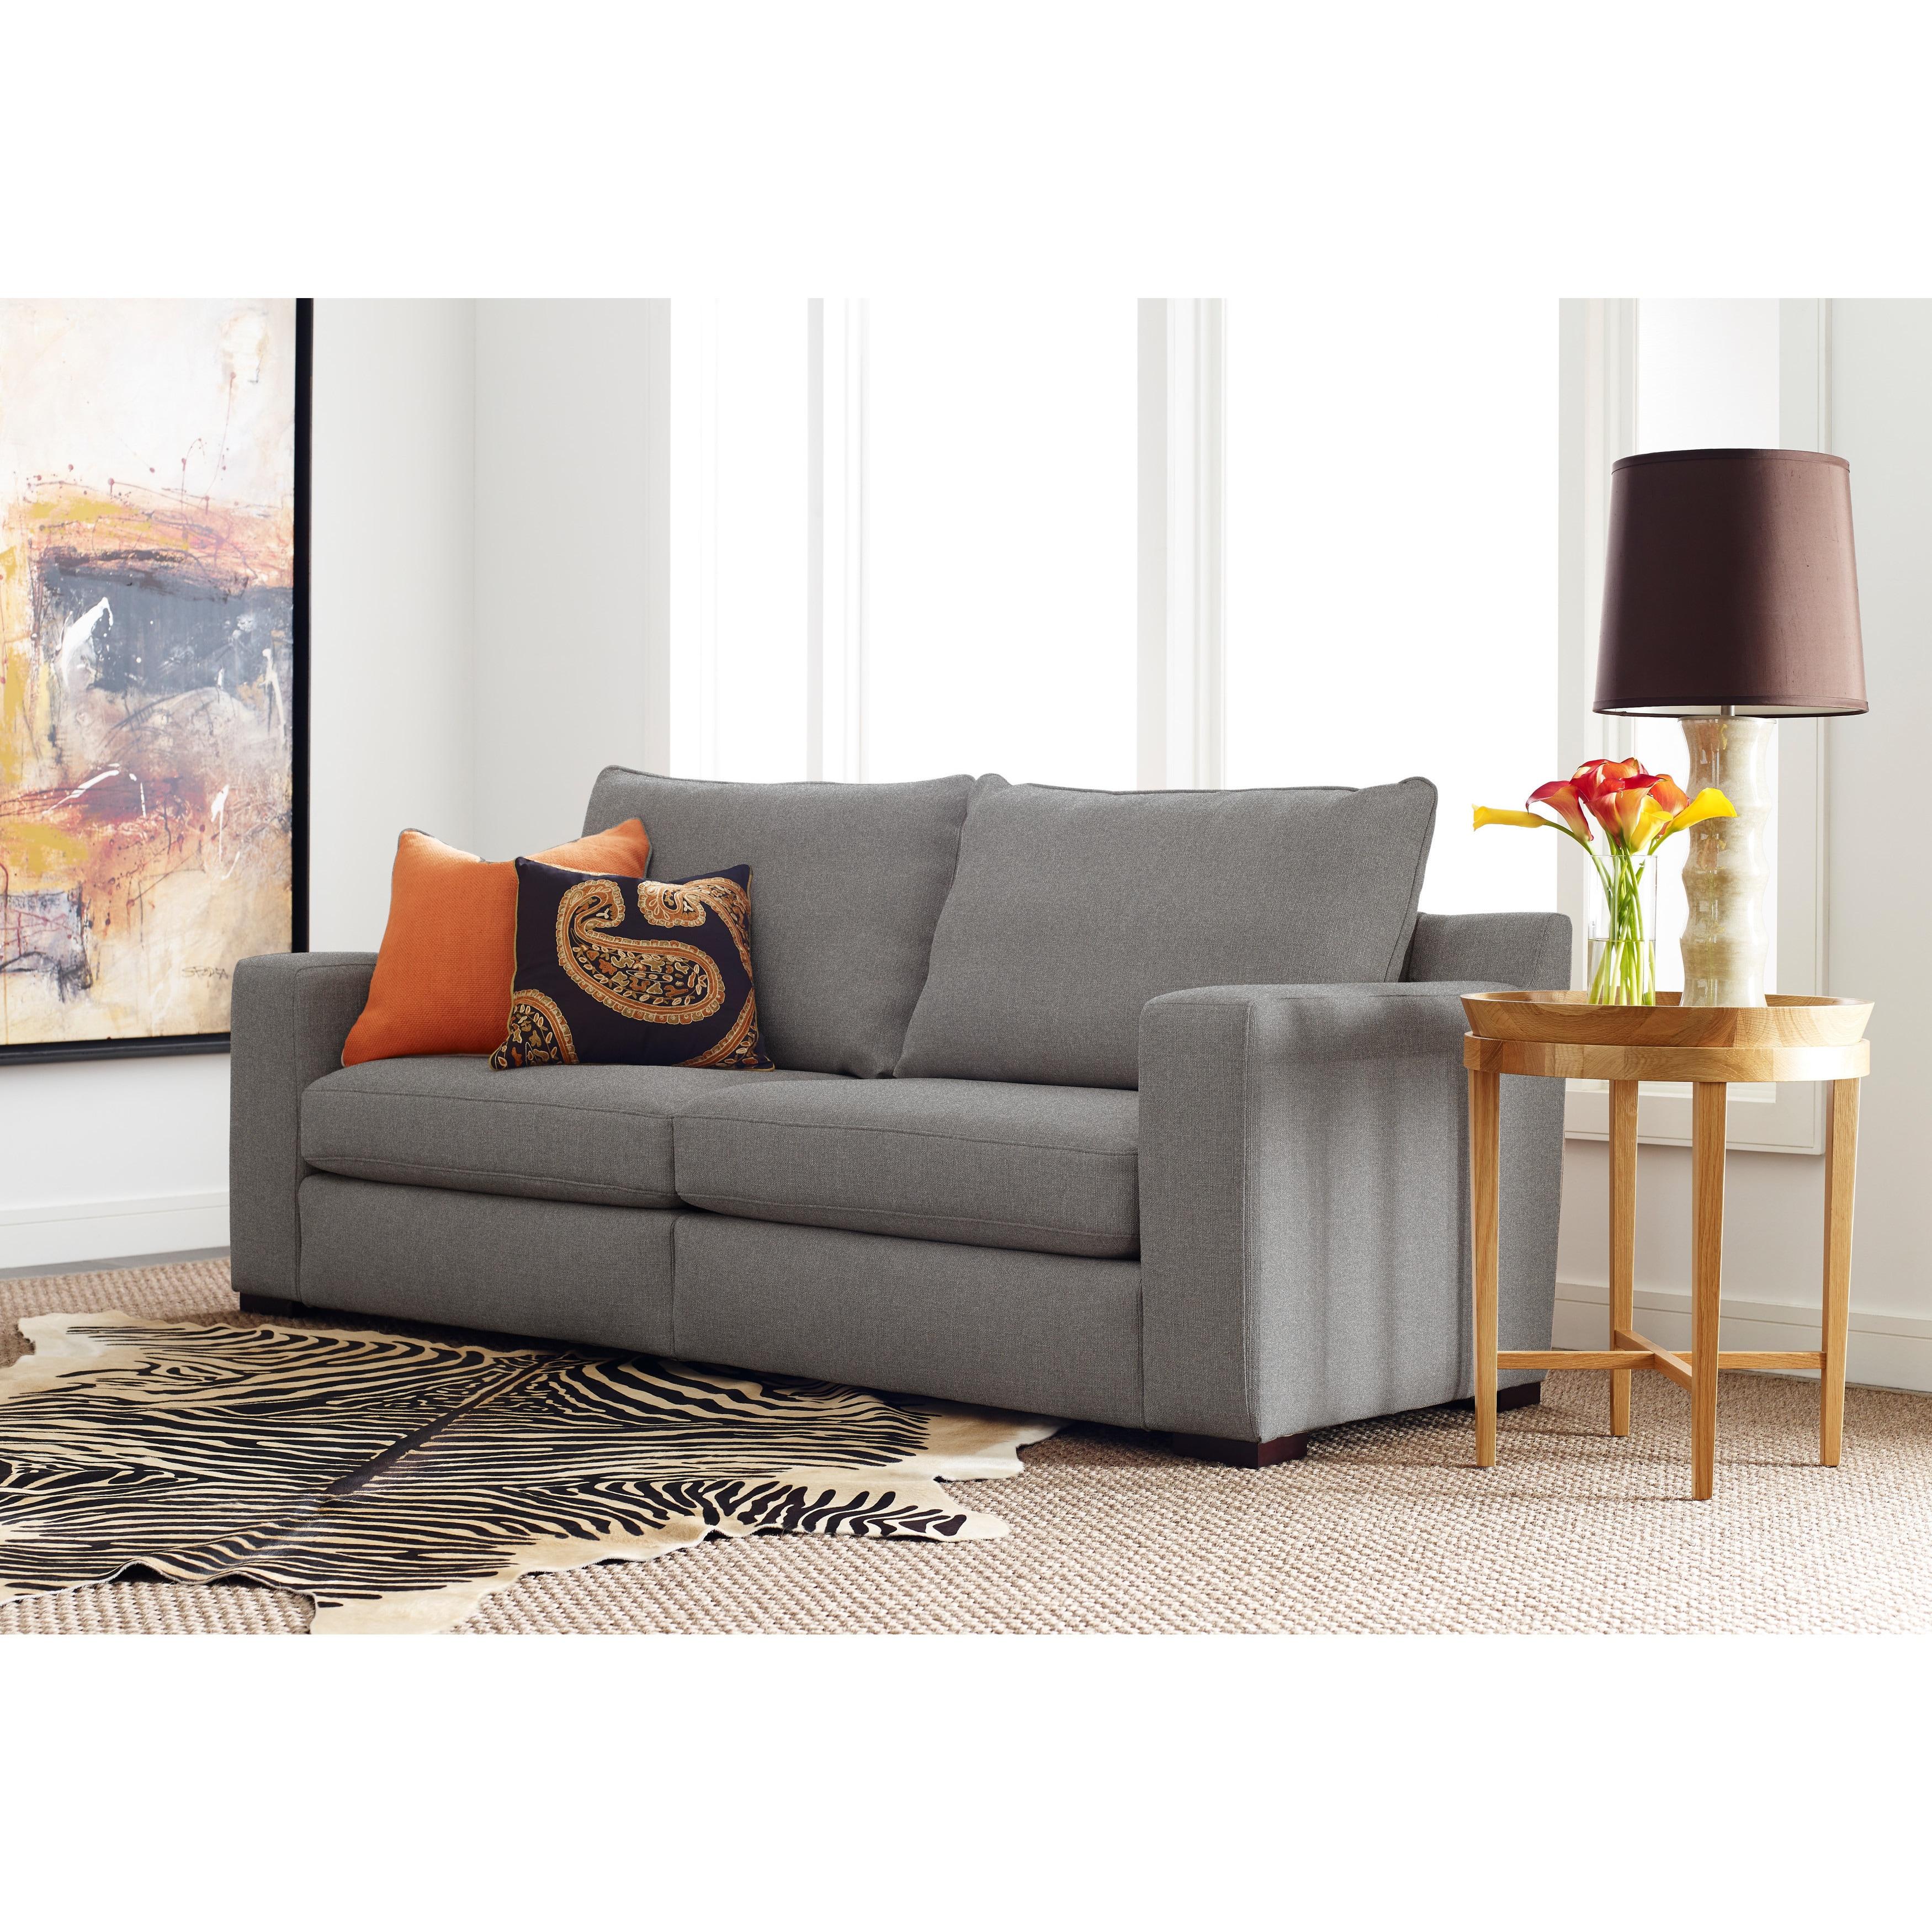 Serta Deep Seating Geneva 85-inch Grey Sofa (Serta Geneva...